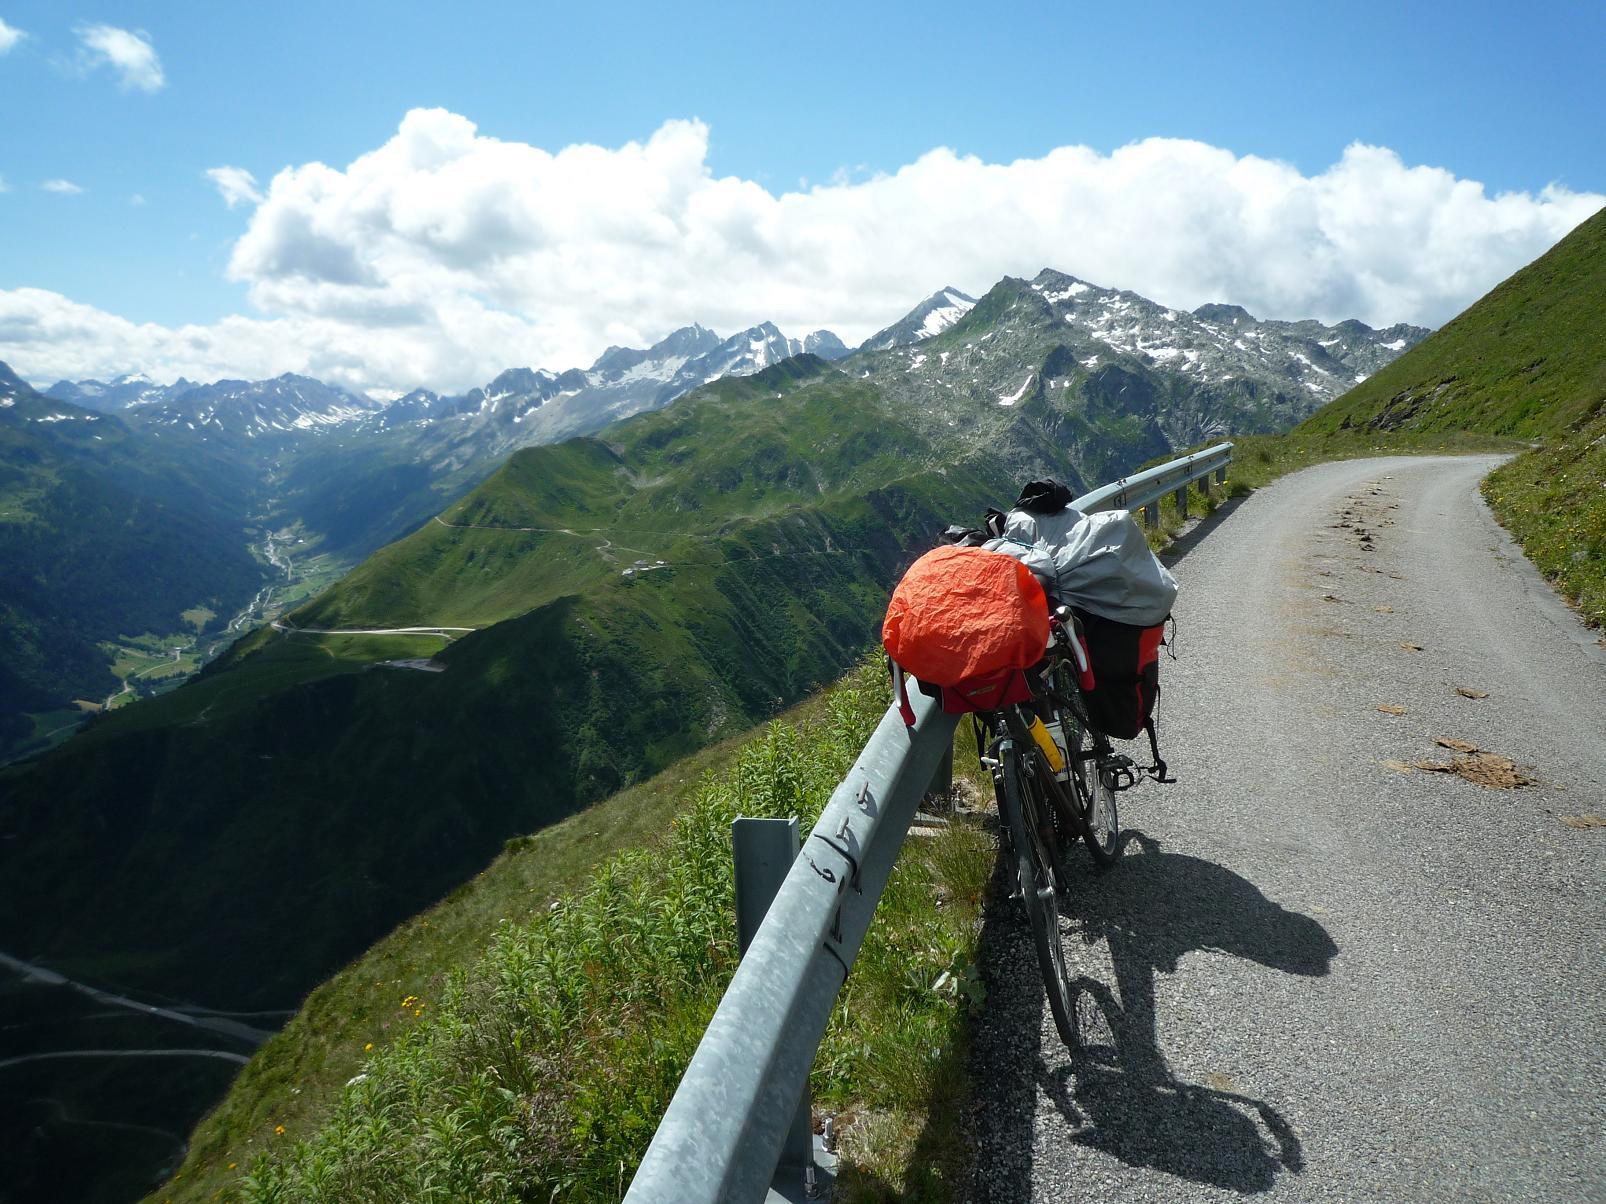 Györgyi Gábor & Passo Scimfuss (2242 m)